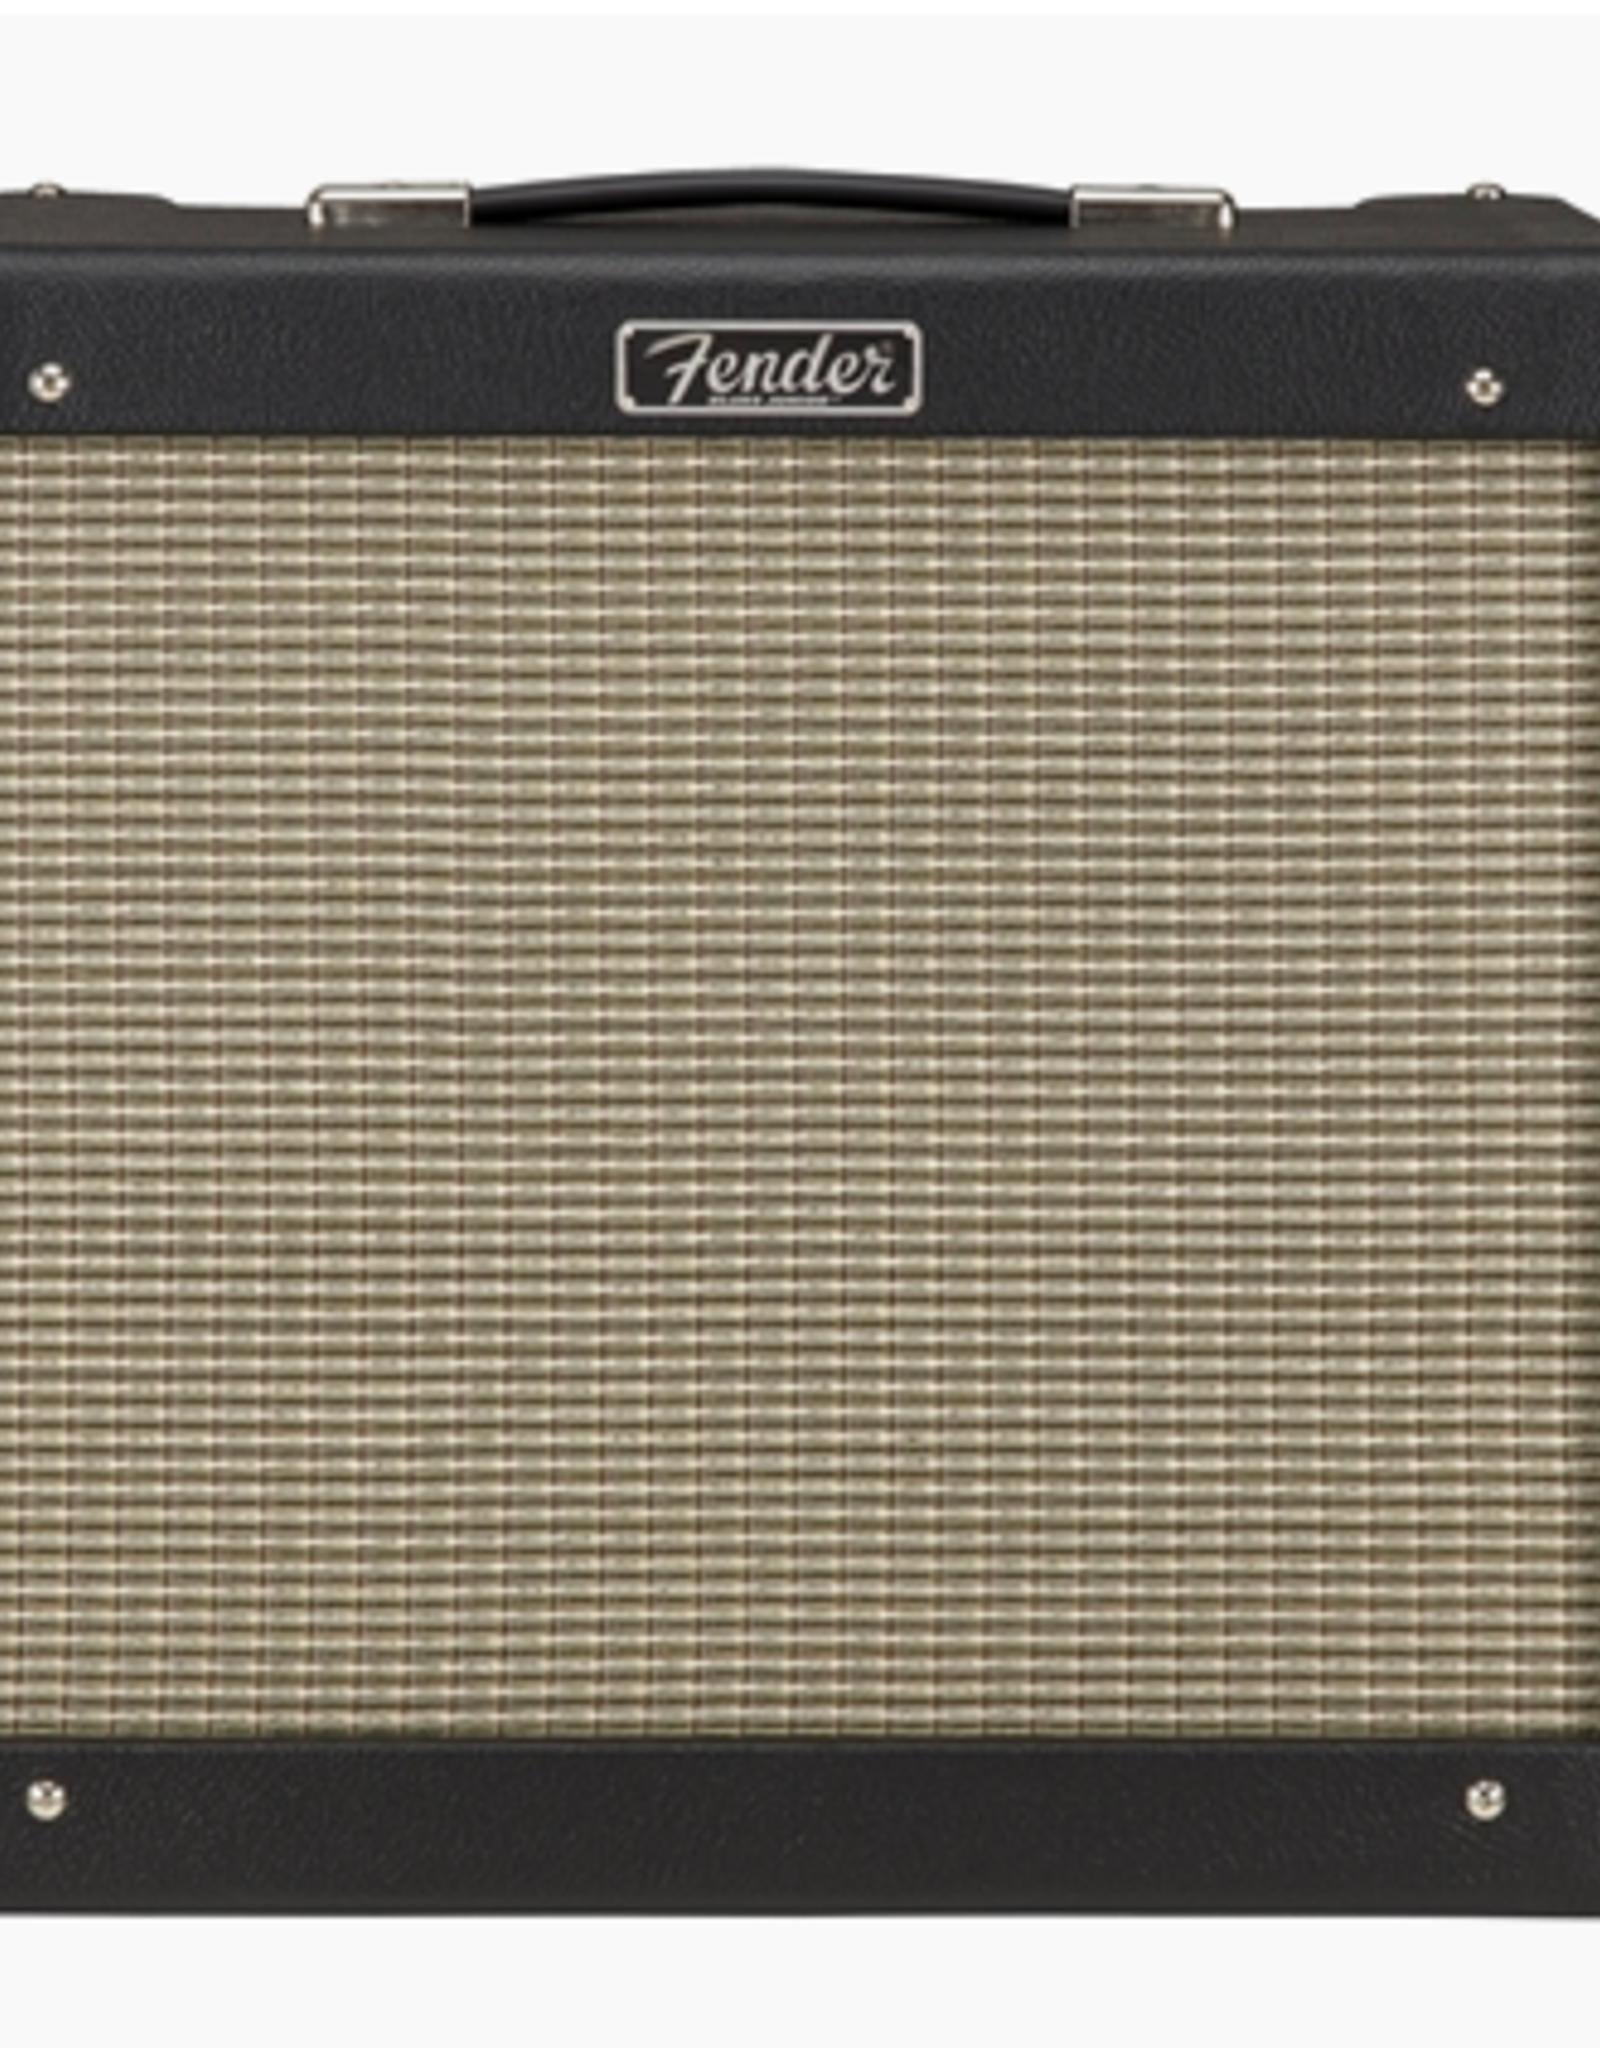 Fender FENDER BLUES JR IV BLACK 15W 120V